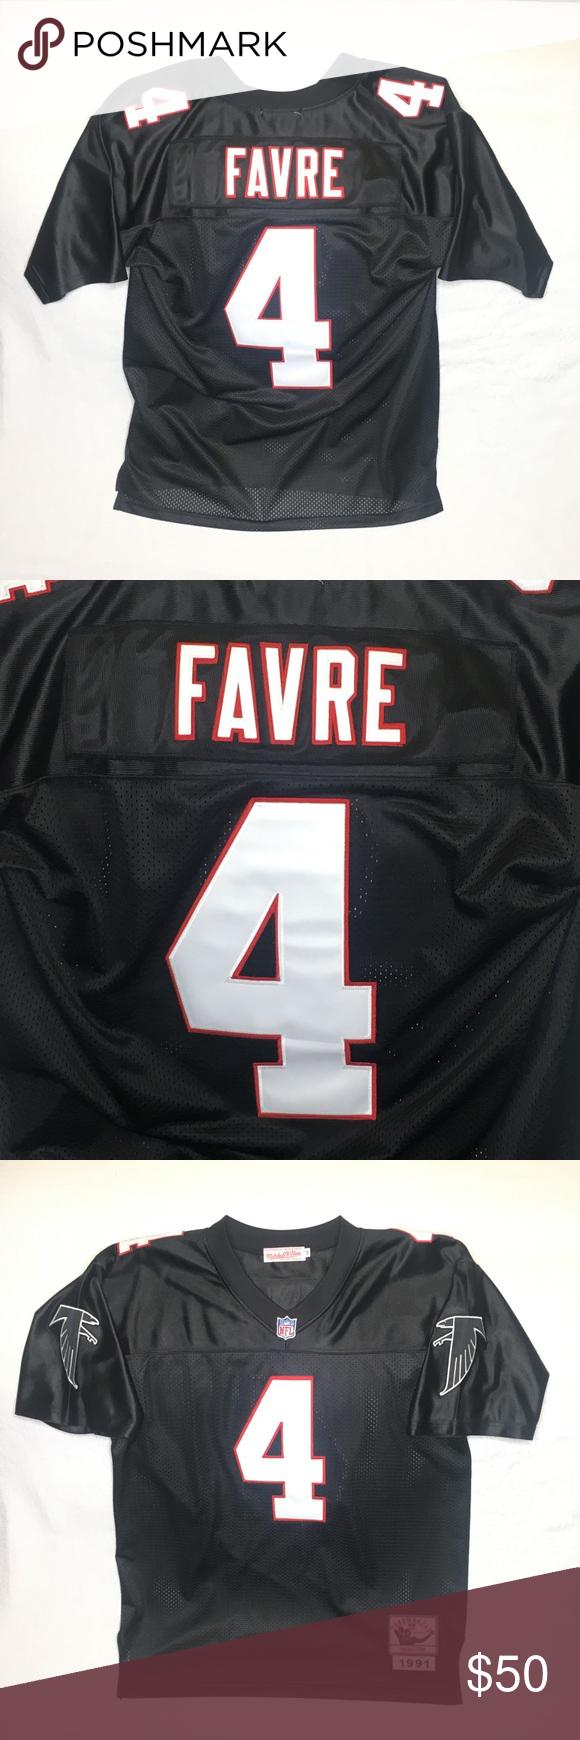 54dcd66e261 Brett Favre Atlanta Falcons Football Jersey Sz 50 Mitchell Ness Brett Favre  Atlanta Falcons Throwback Football